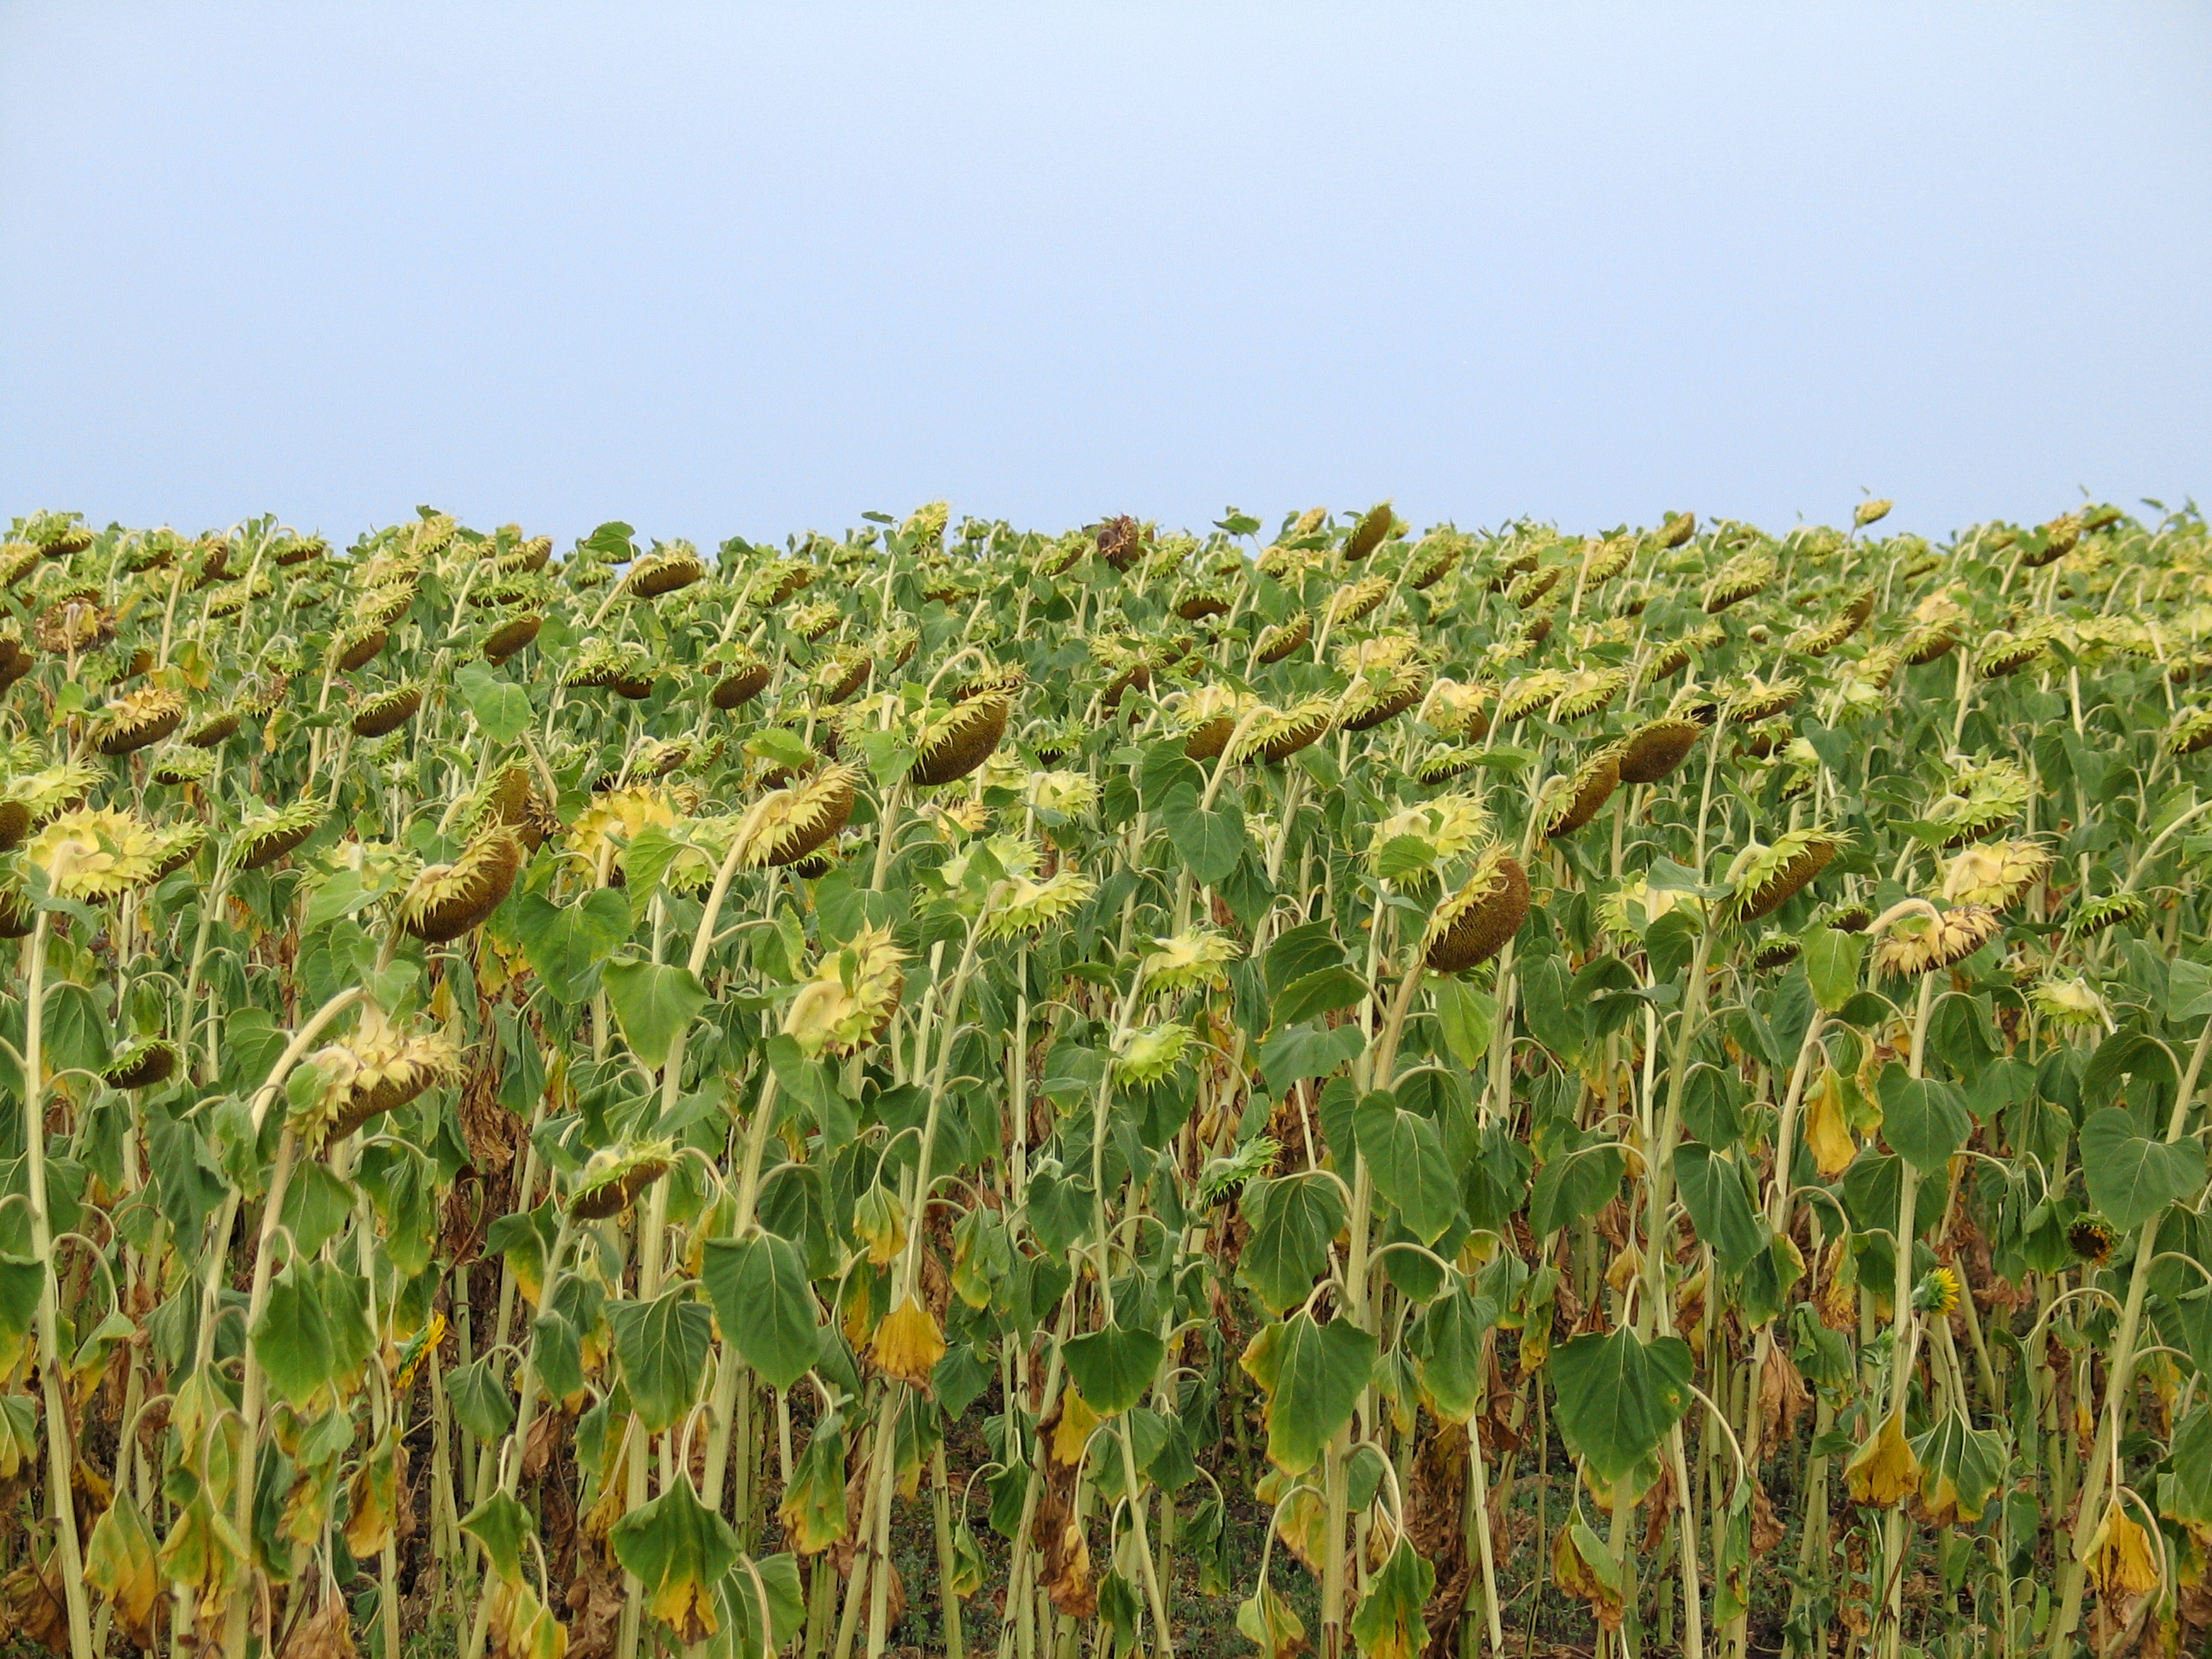 Вместо профессиональных стандартов для полеводов, овощеводов и садоводов утвержден новый профстандарт для мастеров растениеводства